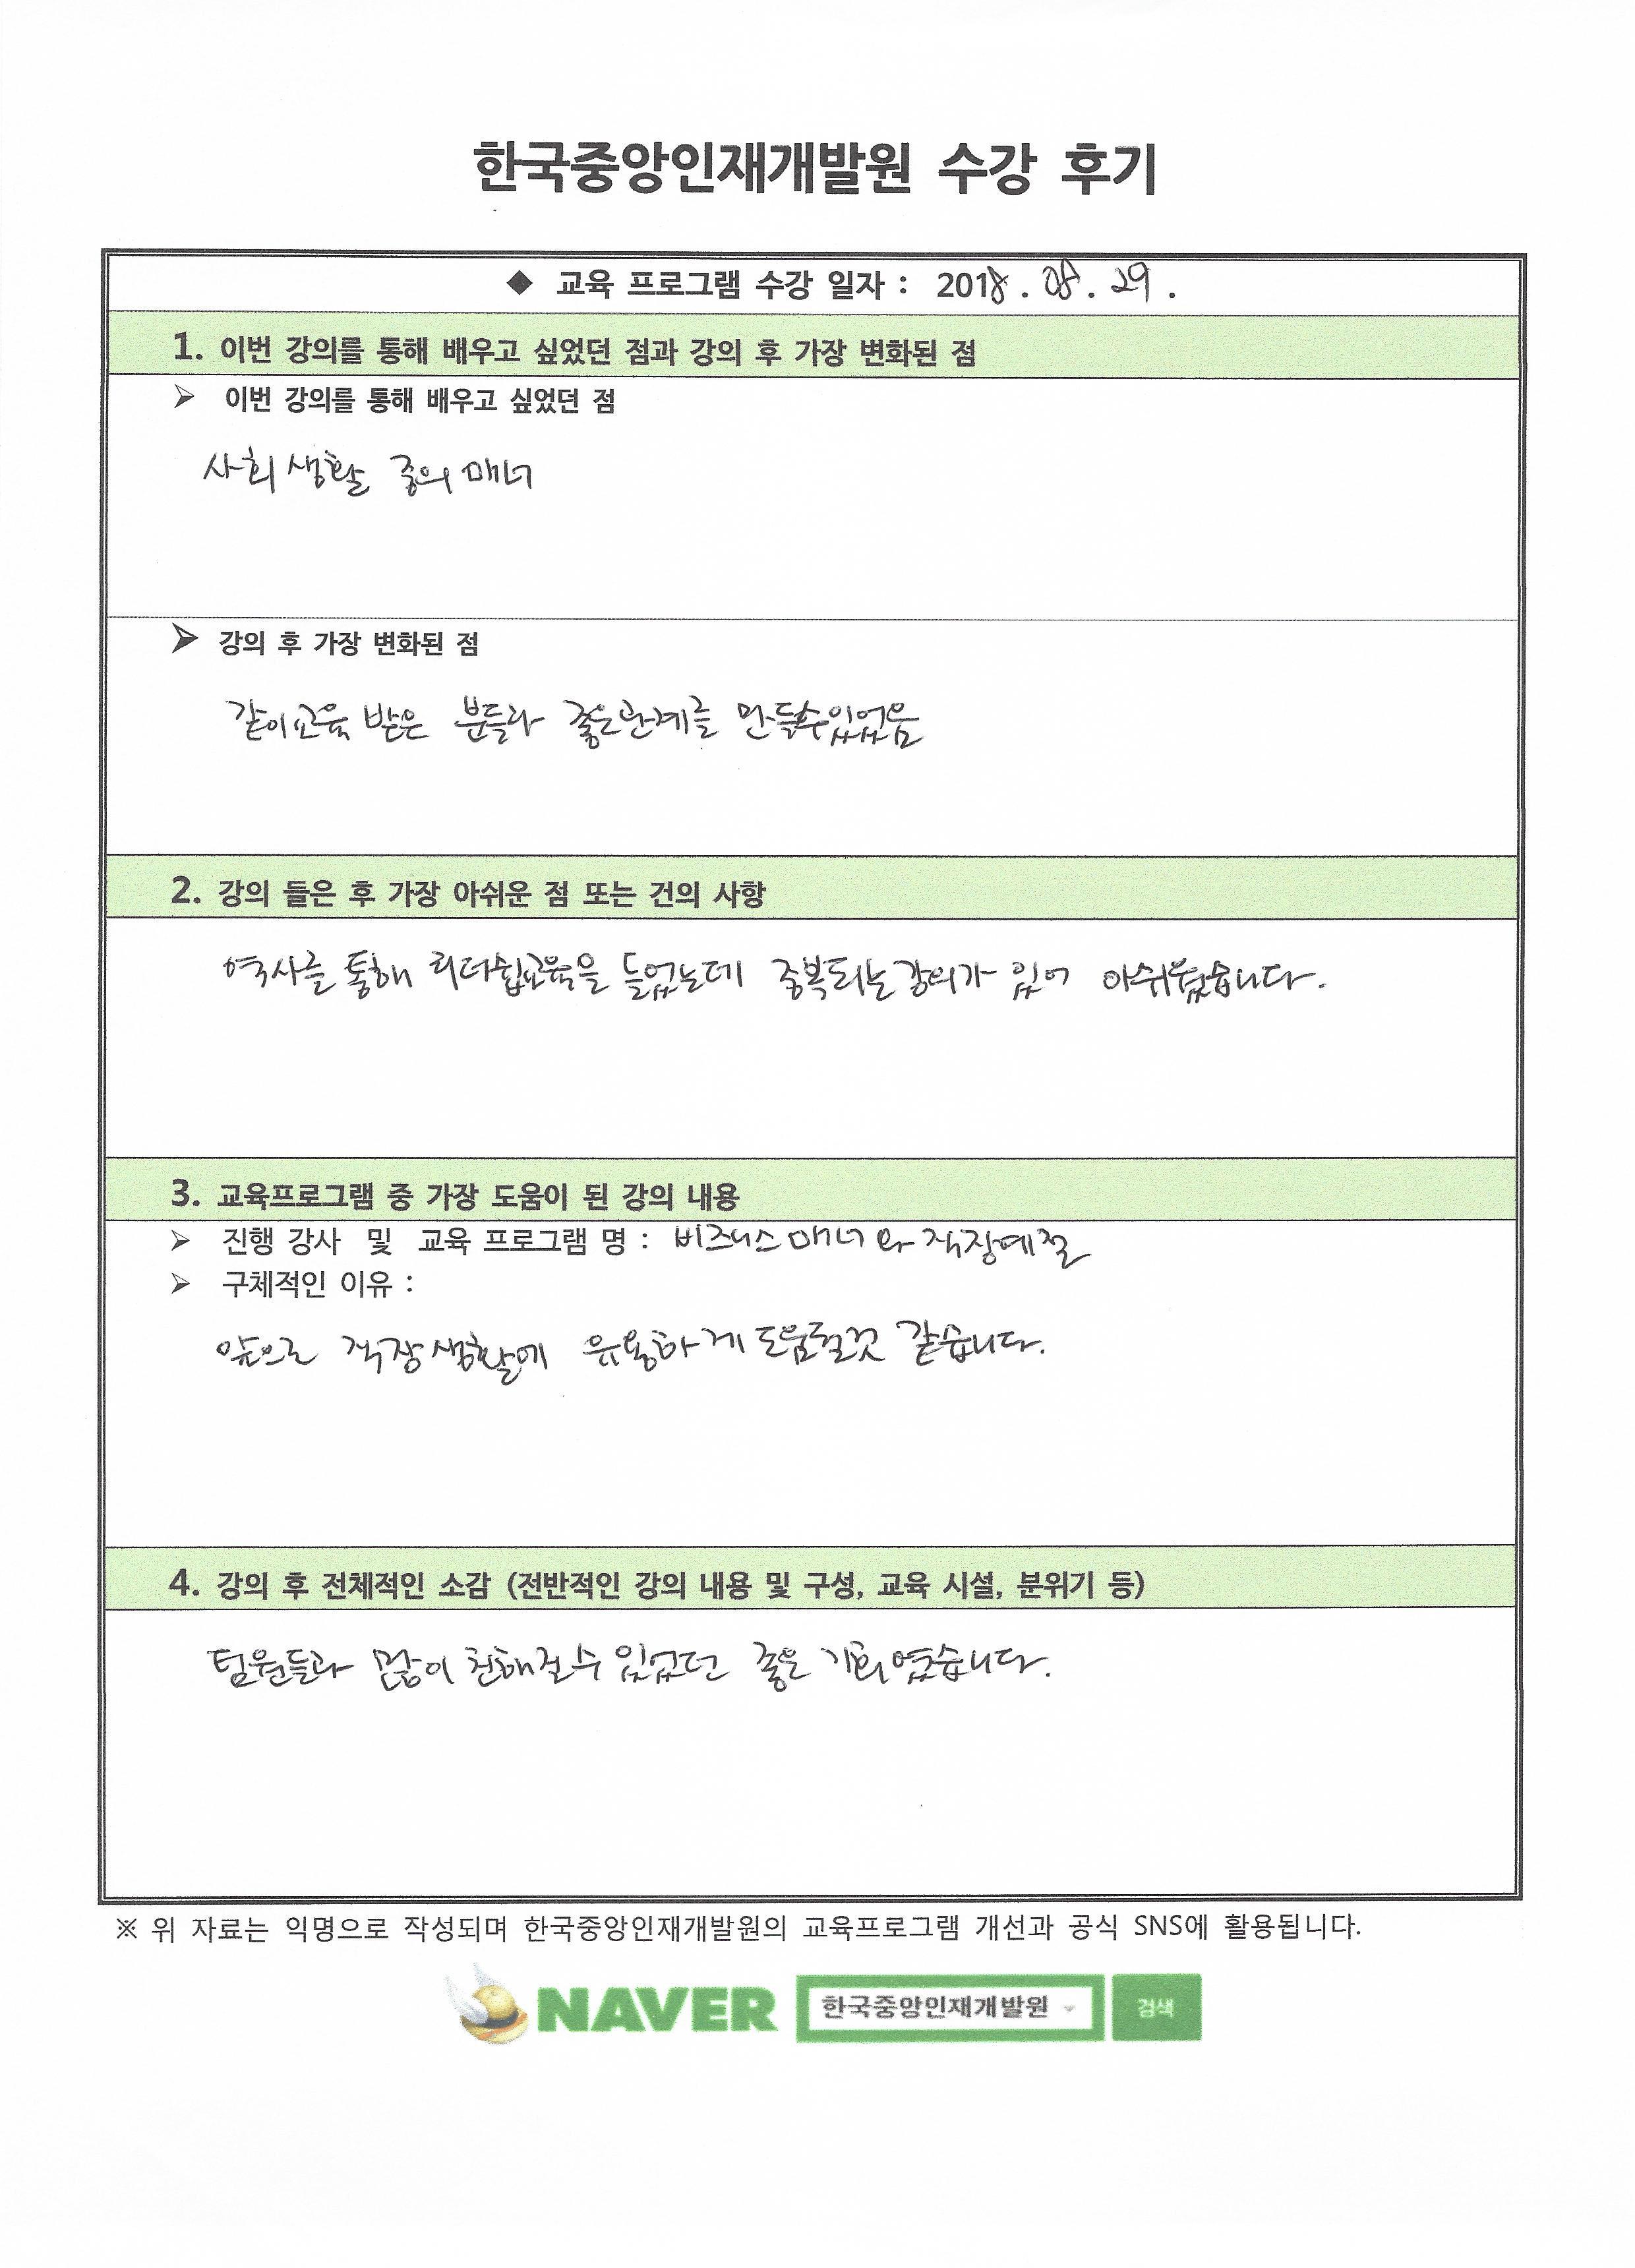 한국팜비오 후기-9 사본.JPG